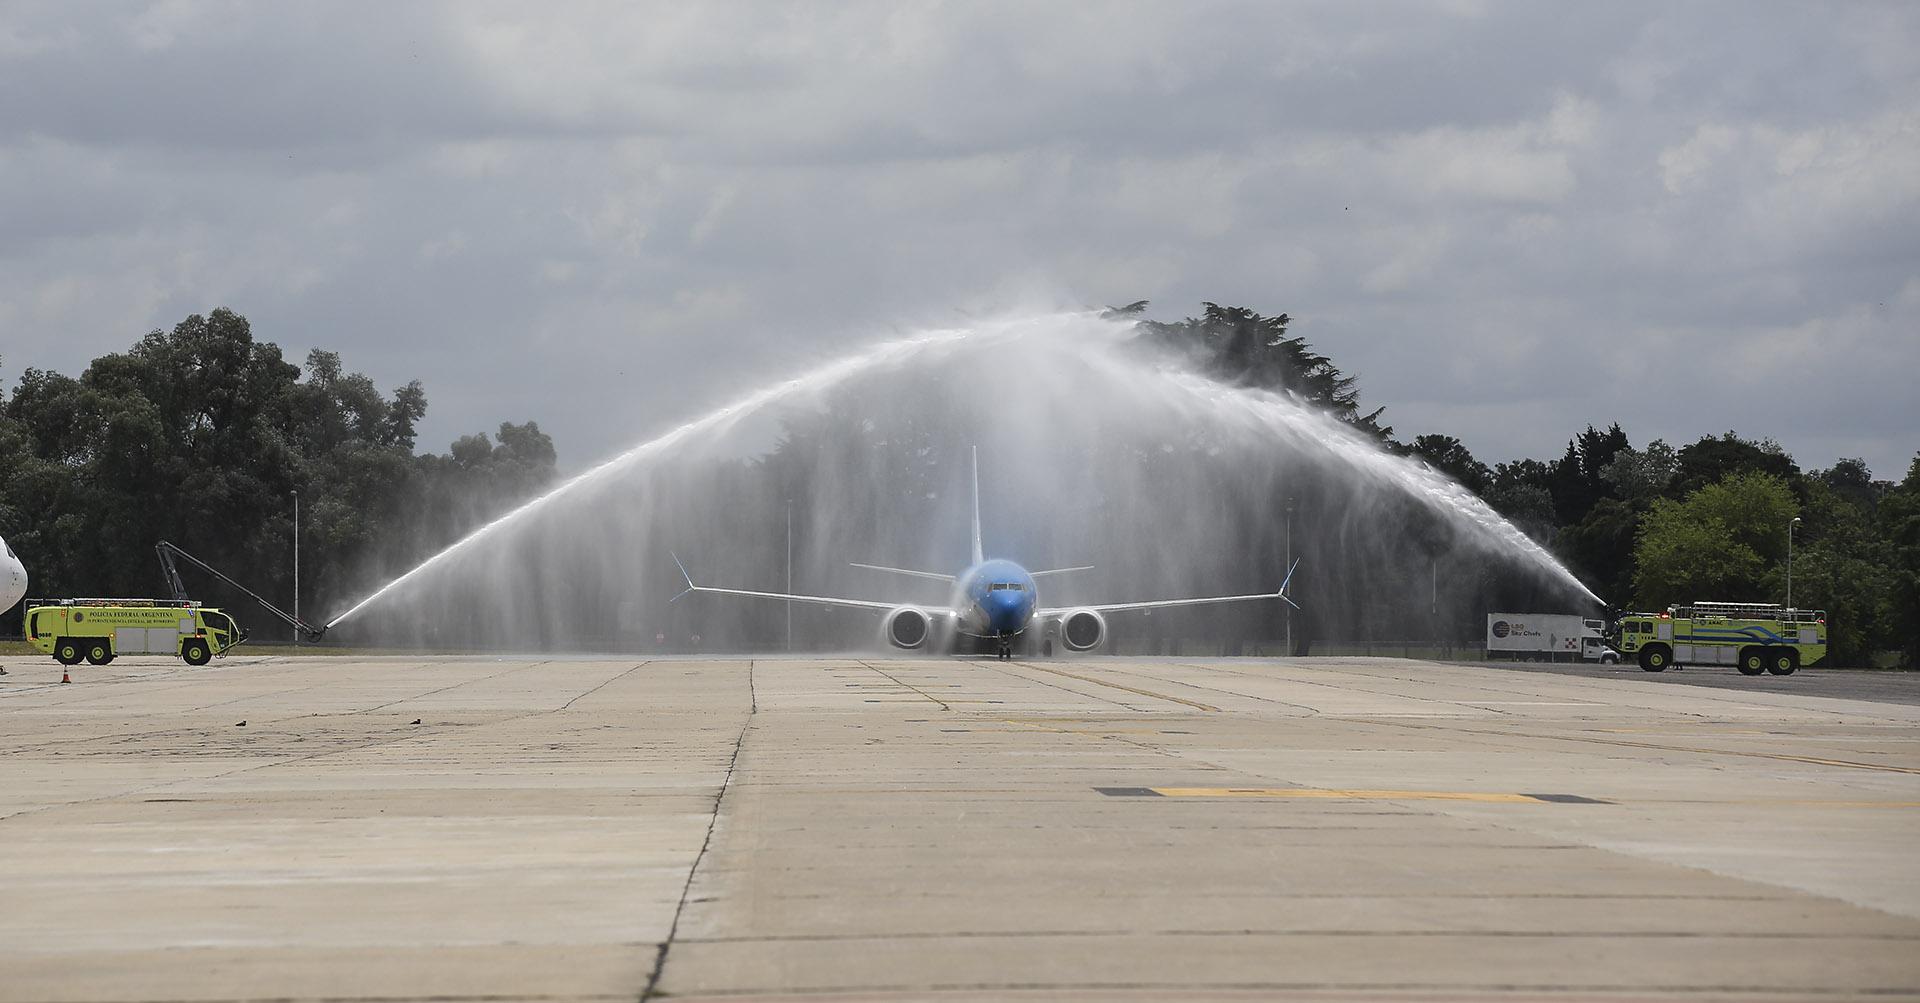 El tradicional bautismo del avión se realizó en un avión que cuenta con la última tecnología en motores CFM International LEAP-1B